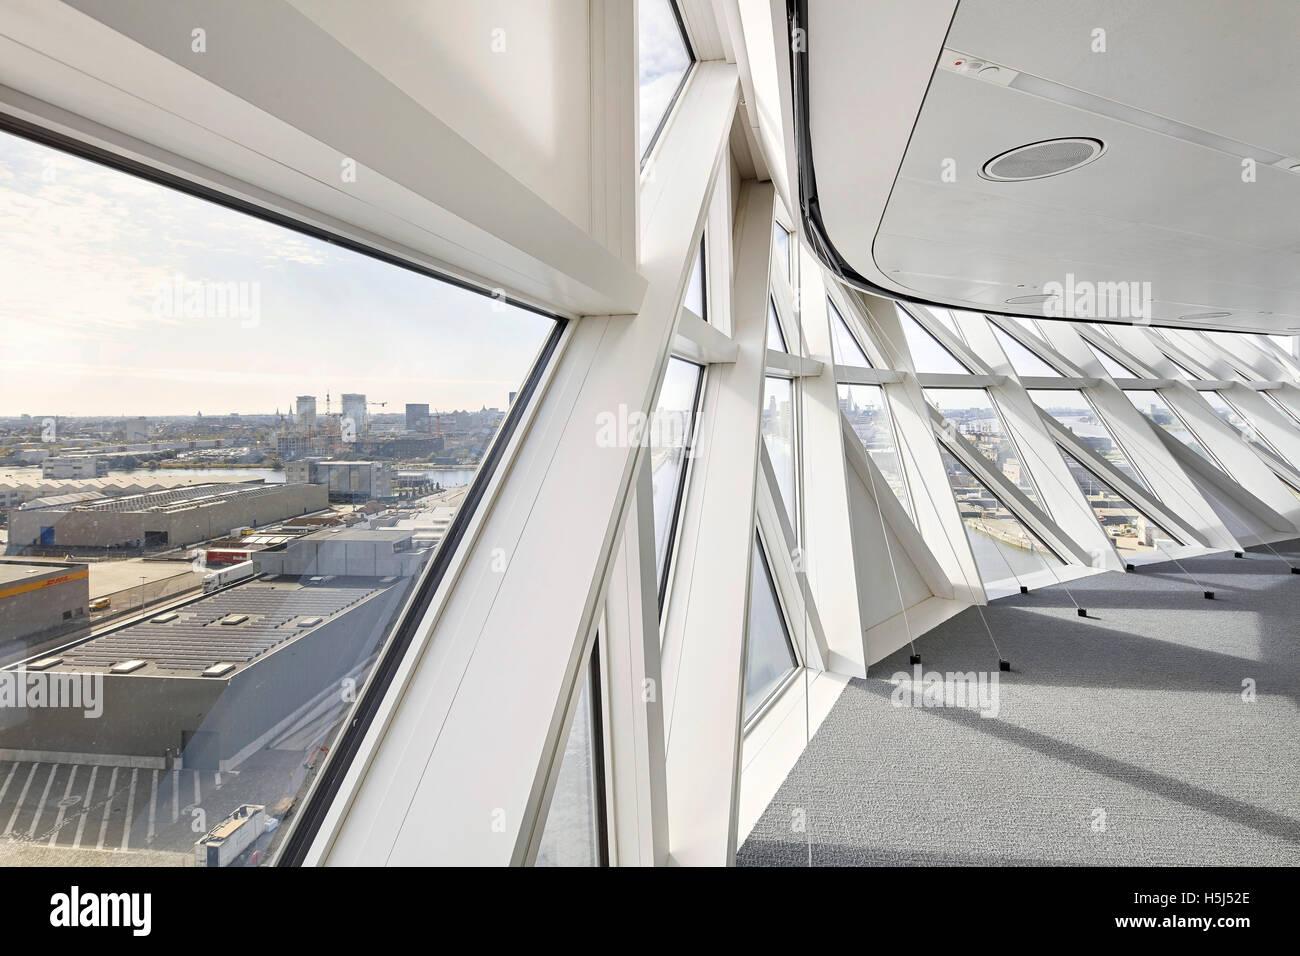 Corridoio con finestra triangolare riquadri casa porta ad anversa belgio architetto zaha - Hadid architetto ...